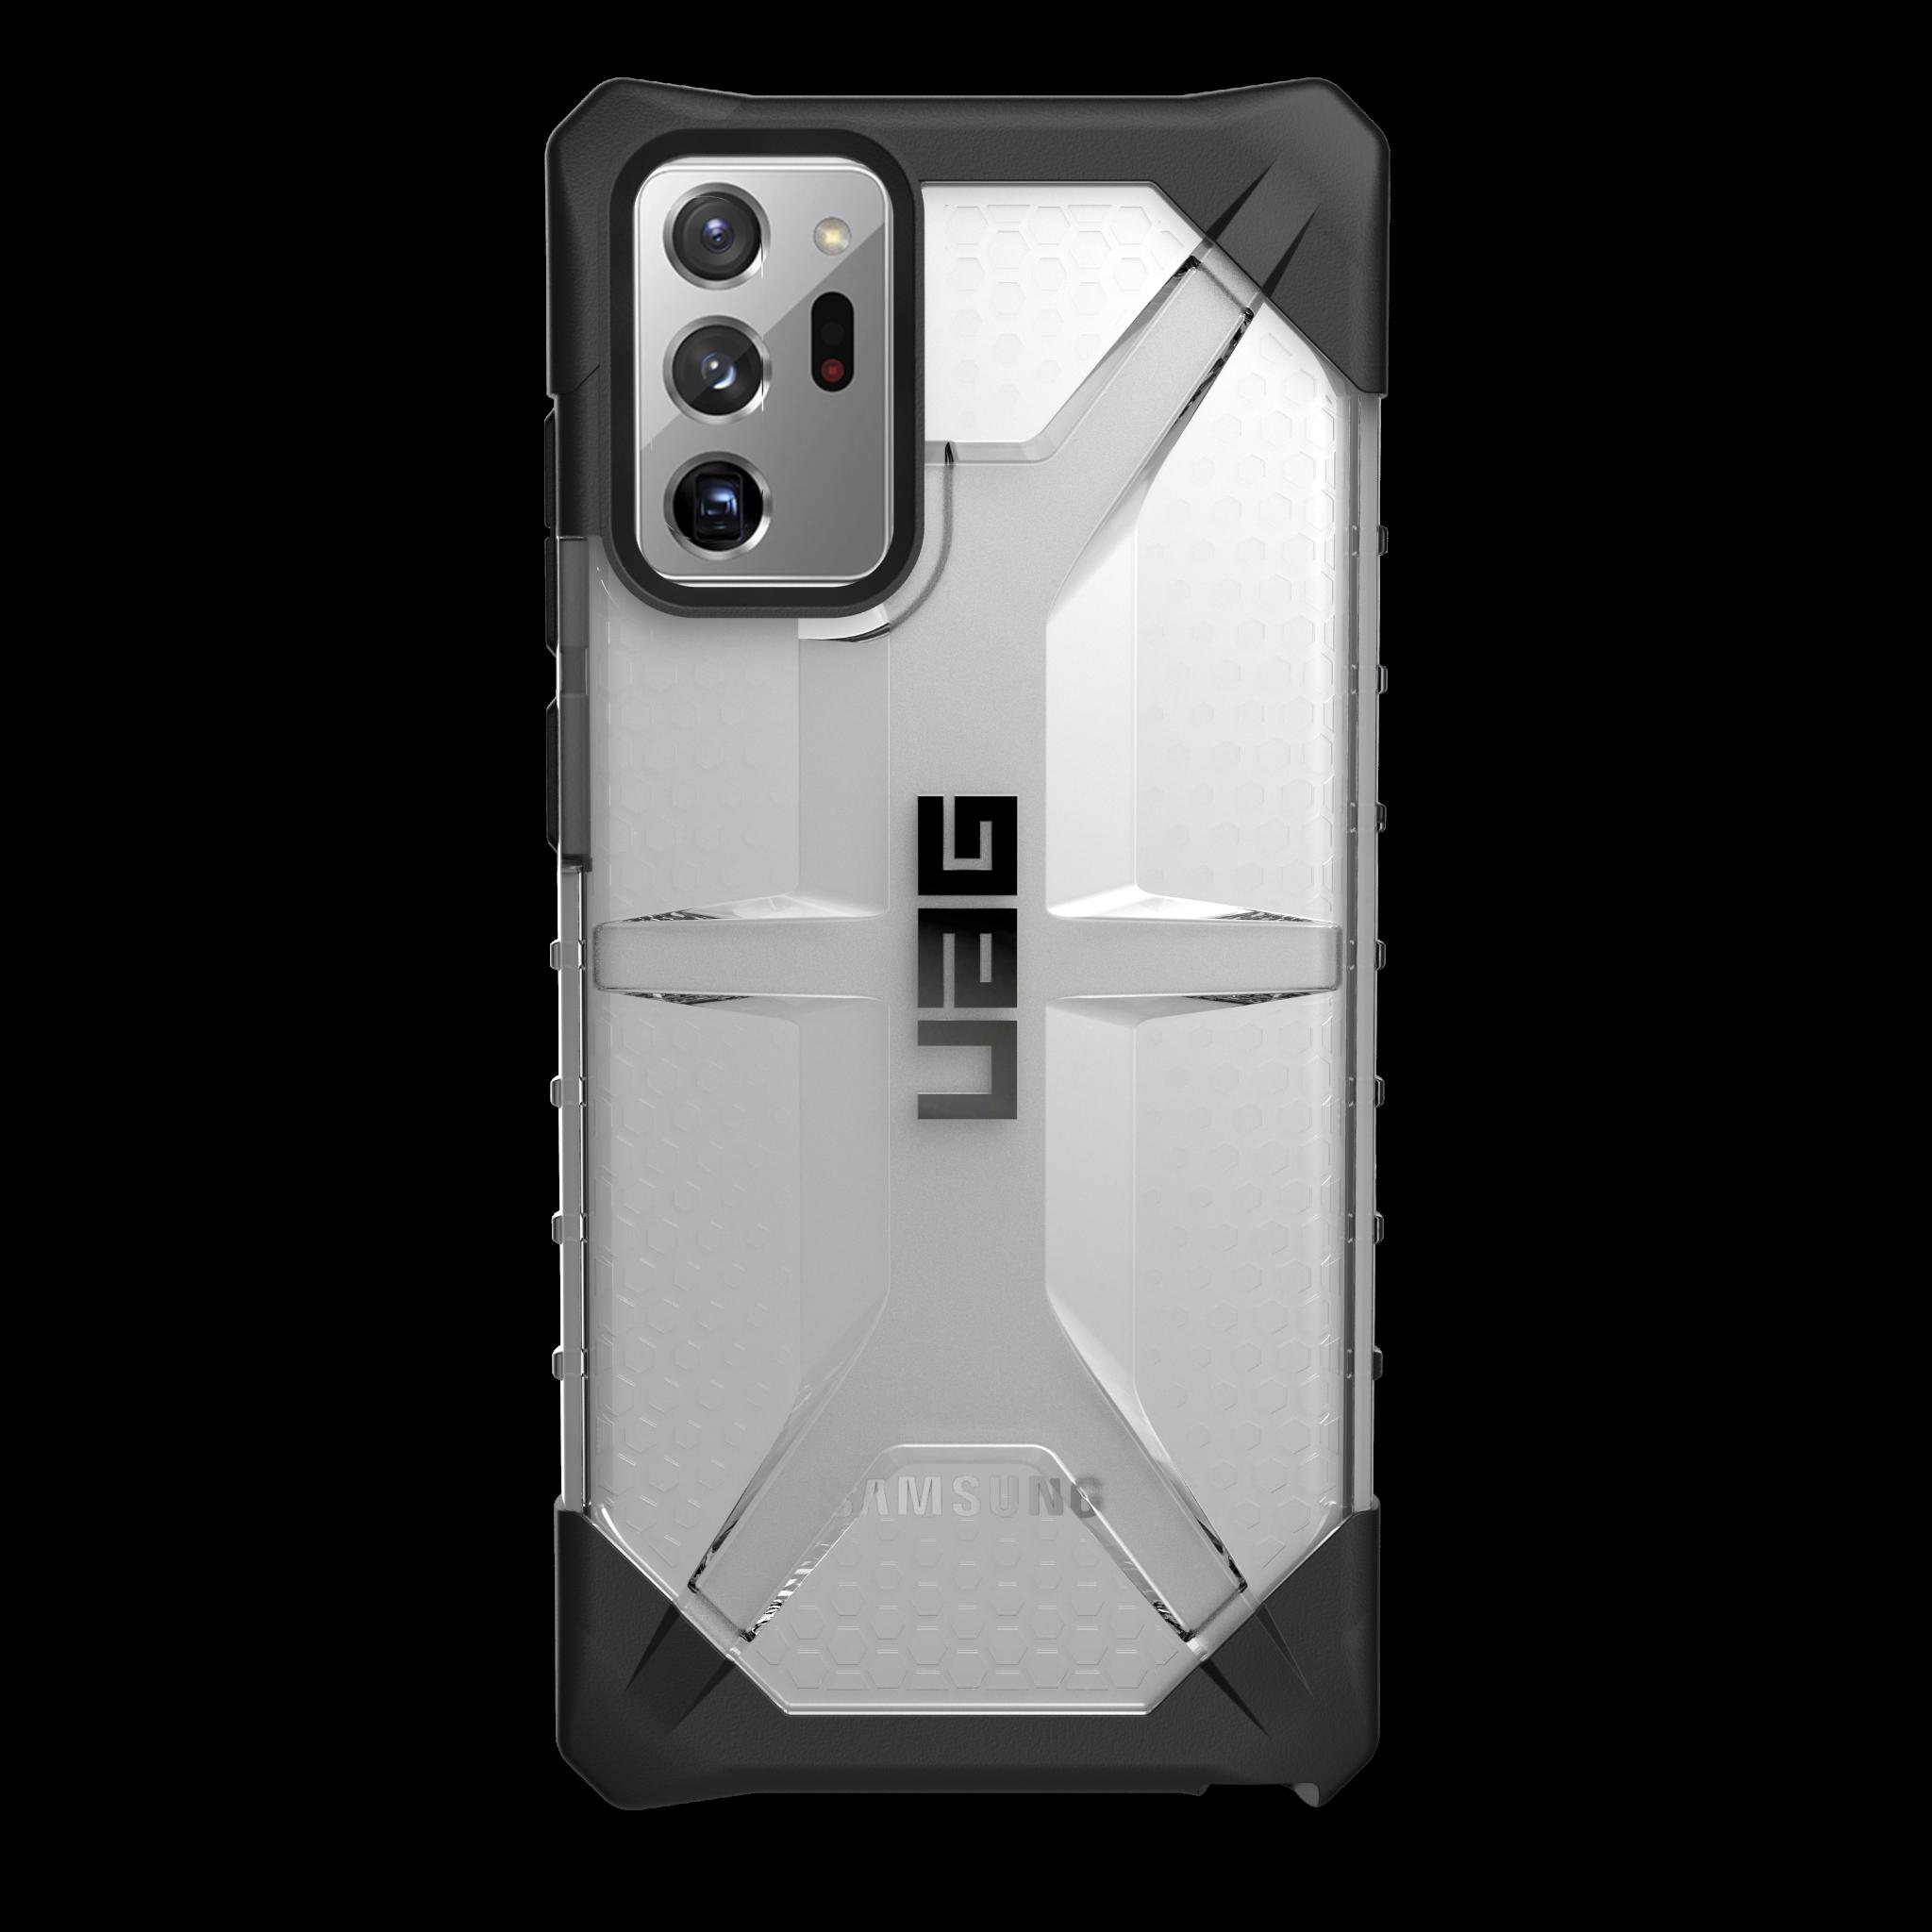 Ốp lưng UAG Plasma Galaxy Note 20 Ultra hình 0